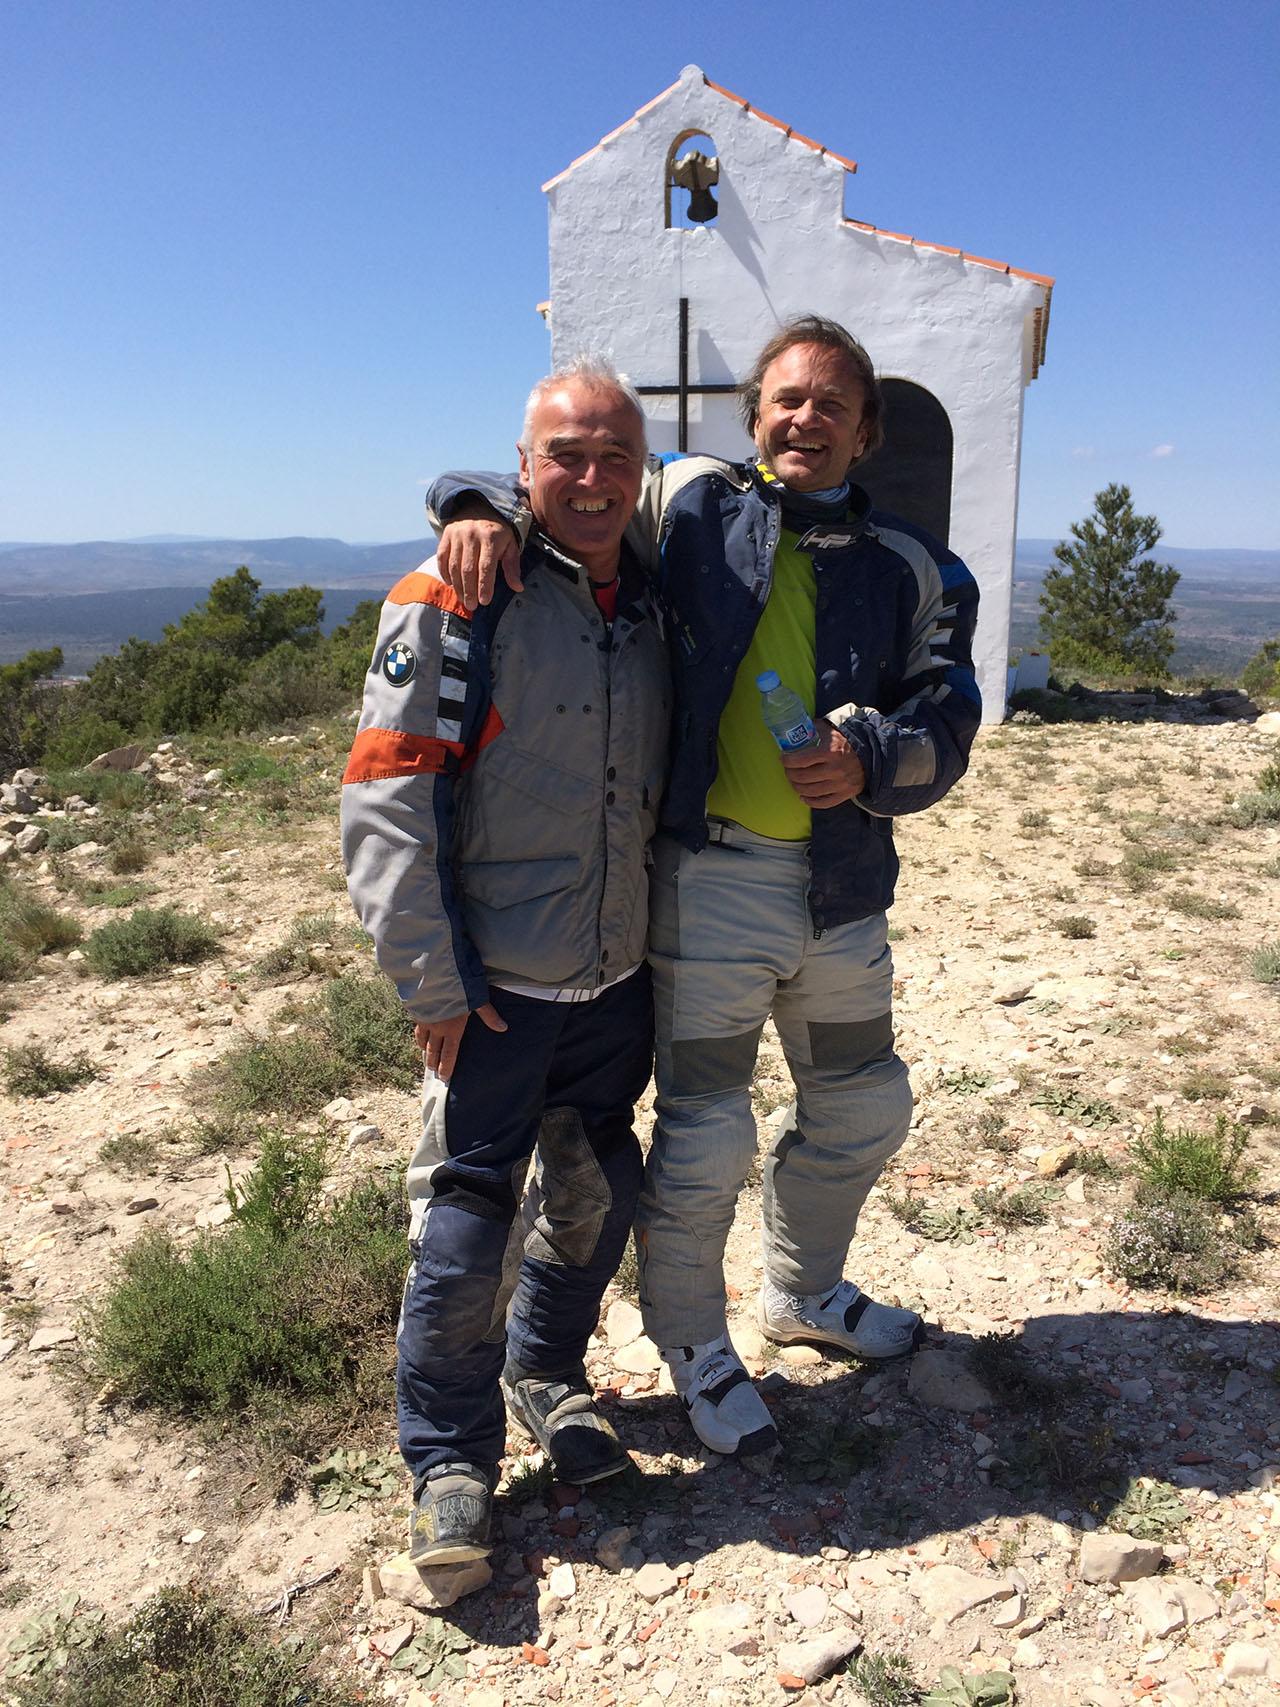 Tomm Wolf vom Enduropark Spanien und Dr. Demhartner